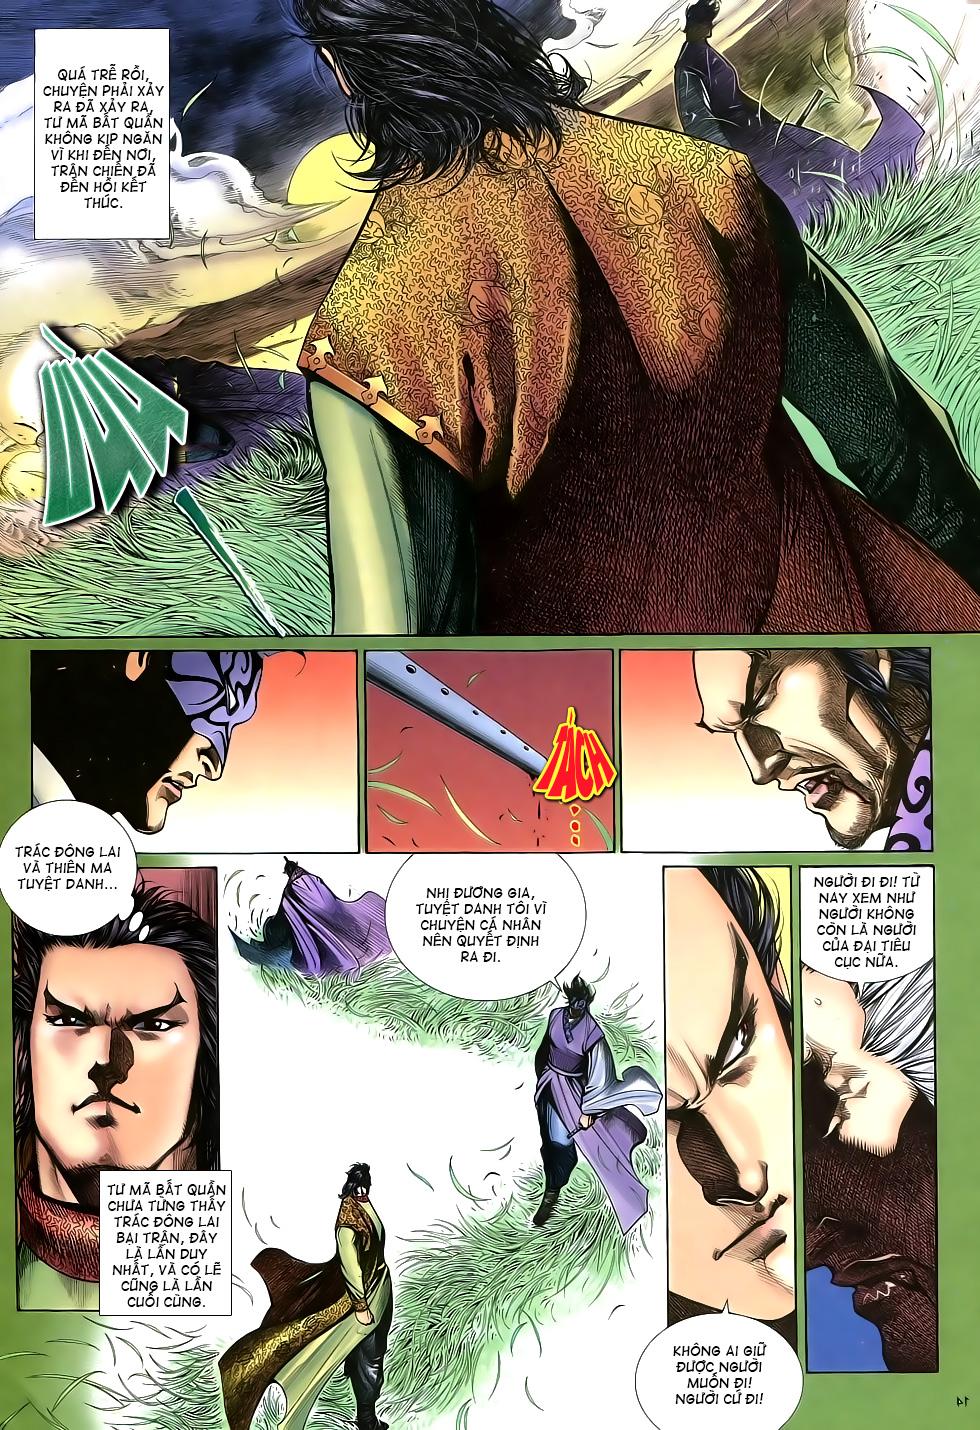 Anh hùng vô lệ Chap 16: Kiếm túy sư cuồng bất lưu đấu  trang 15